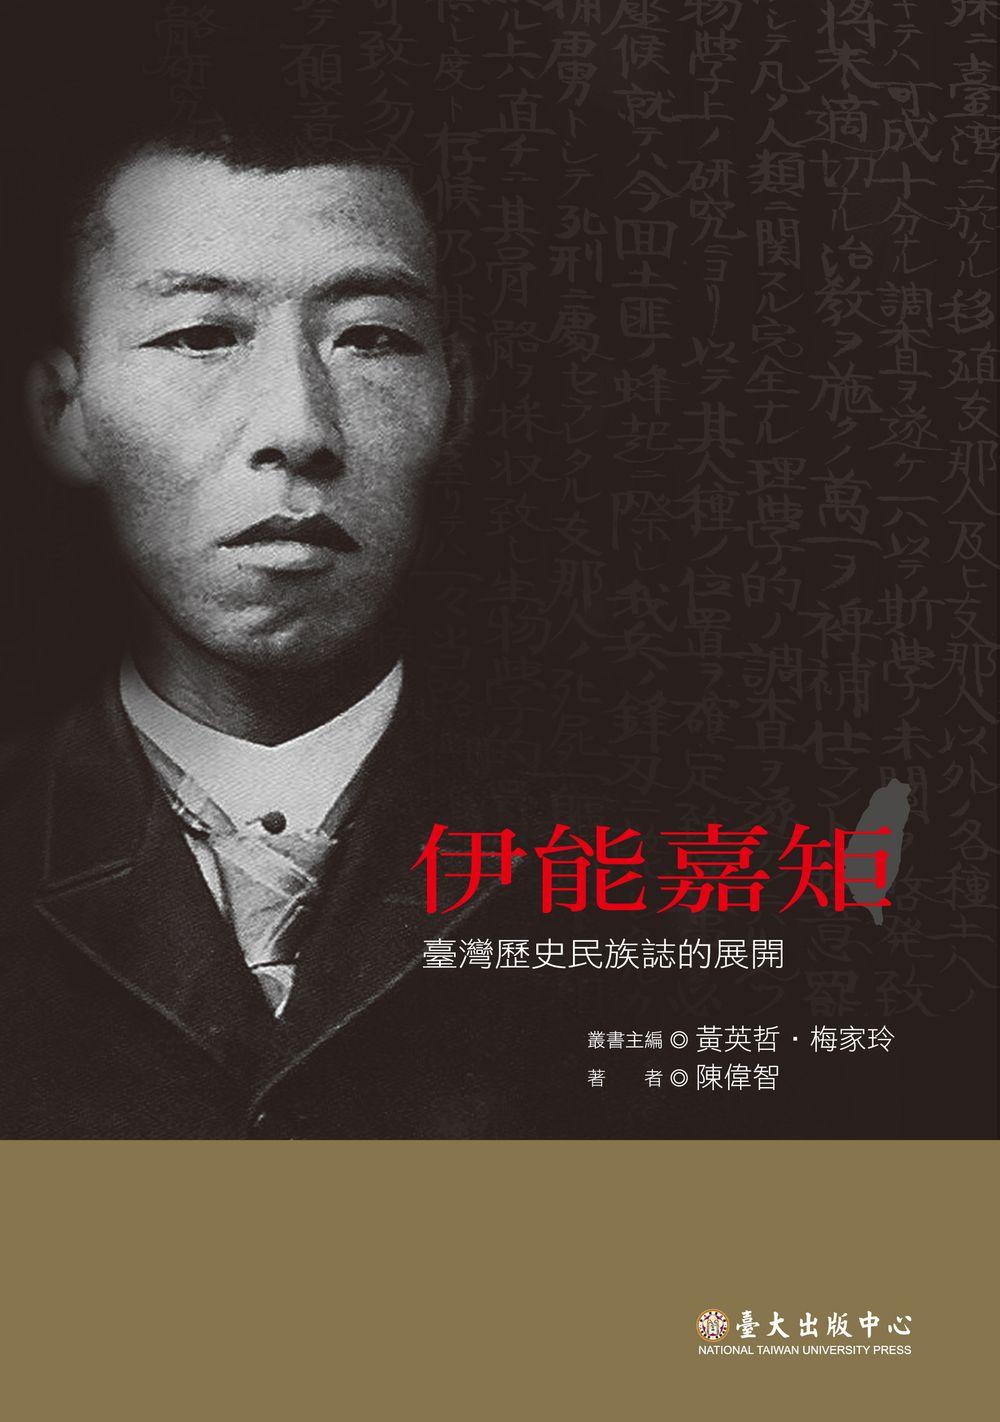 伊能嘉矩──臺灣歷史民族誌的展開(電子書)